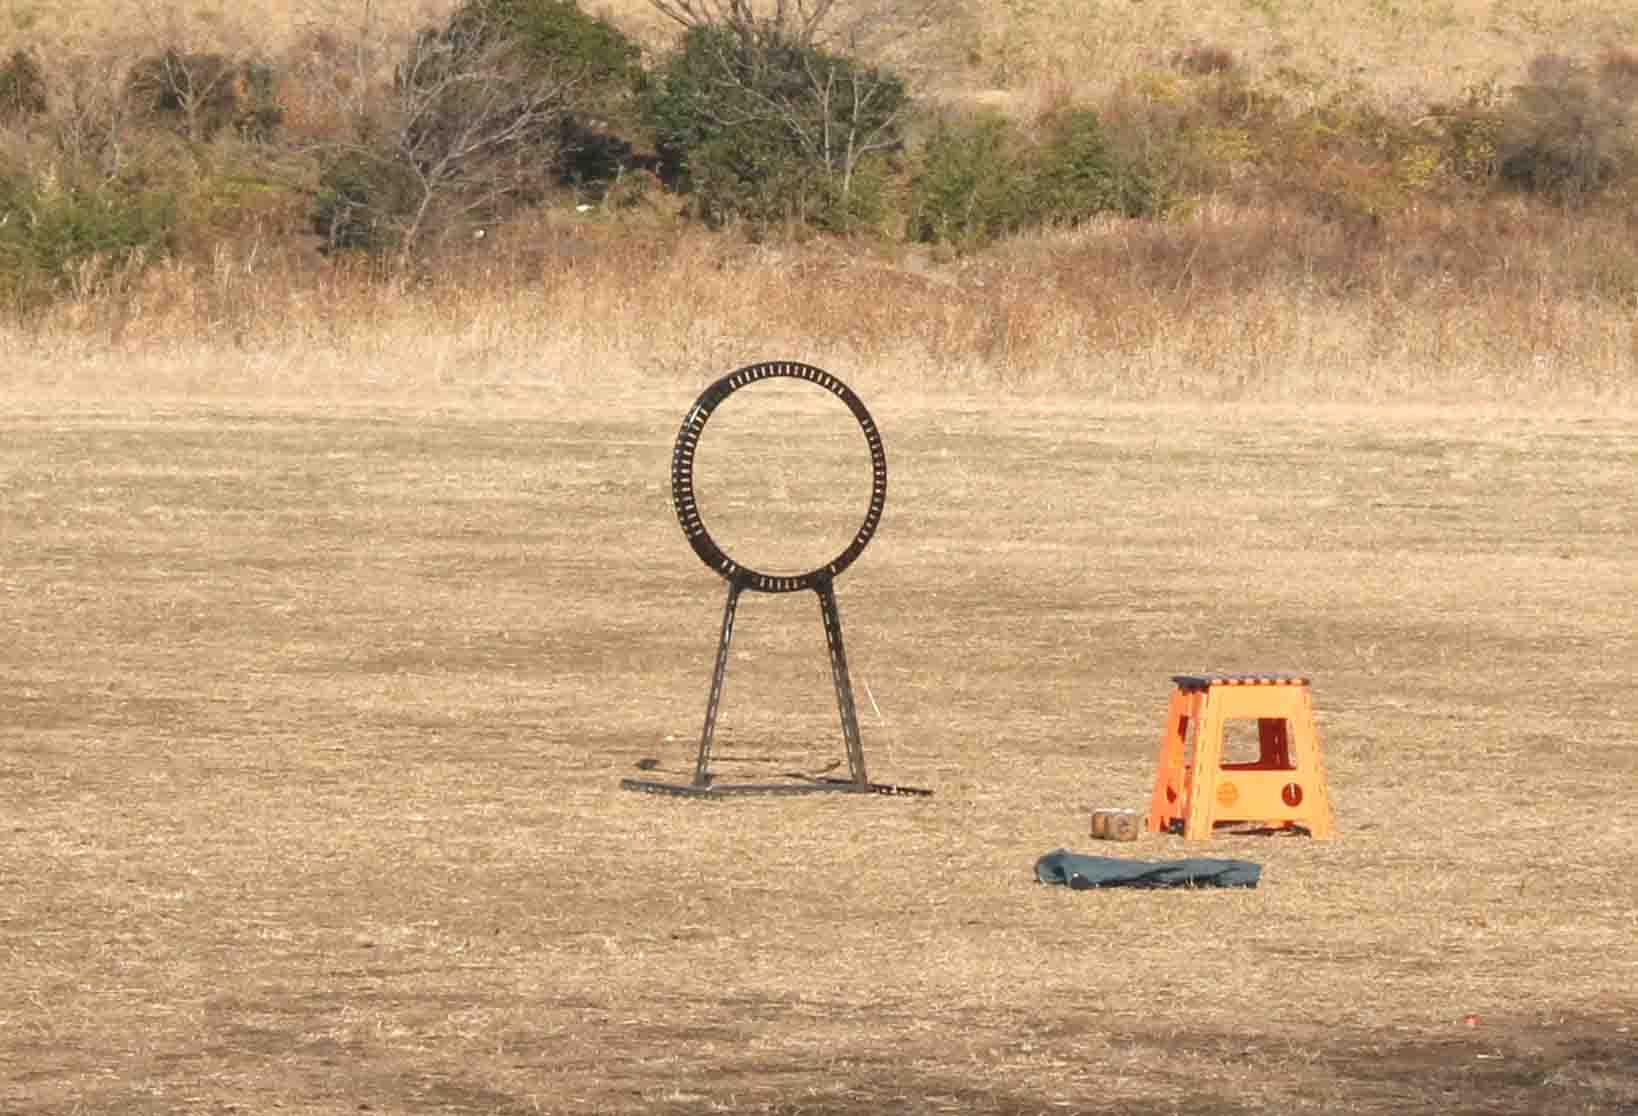 準備した輪を設置